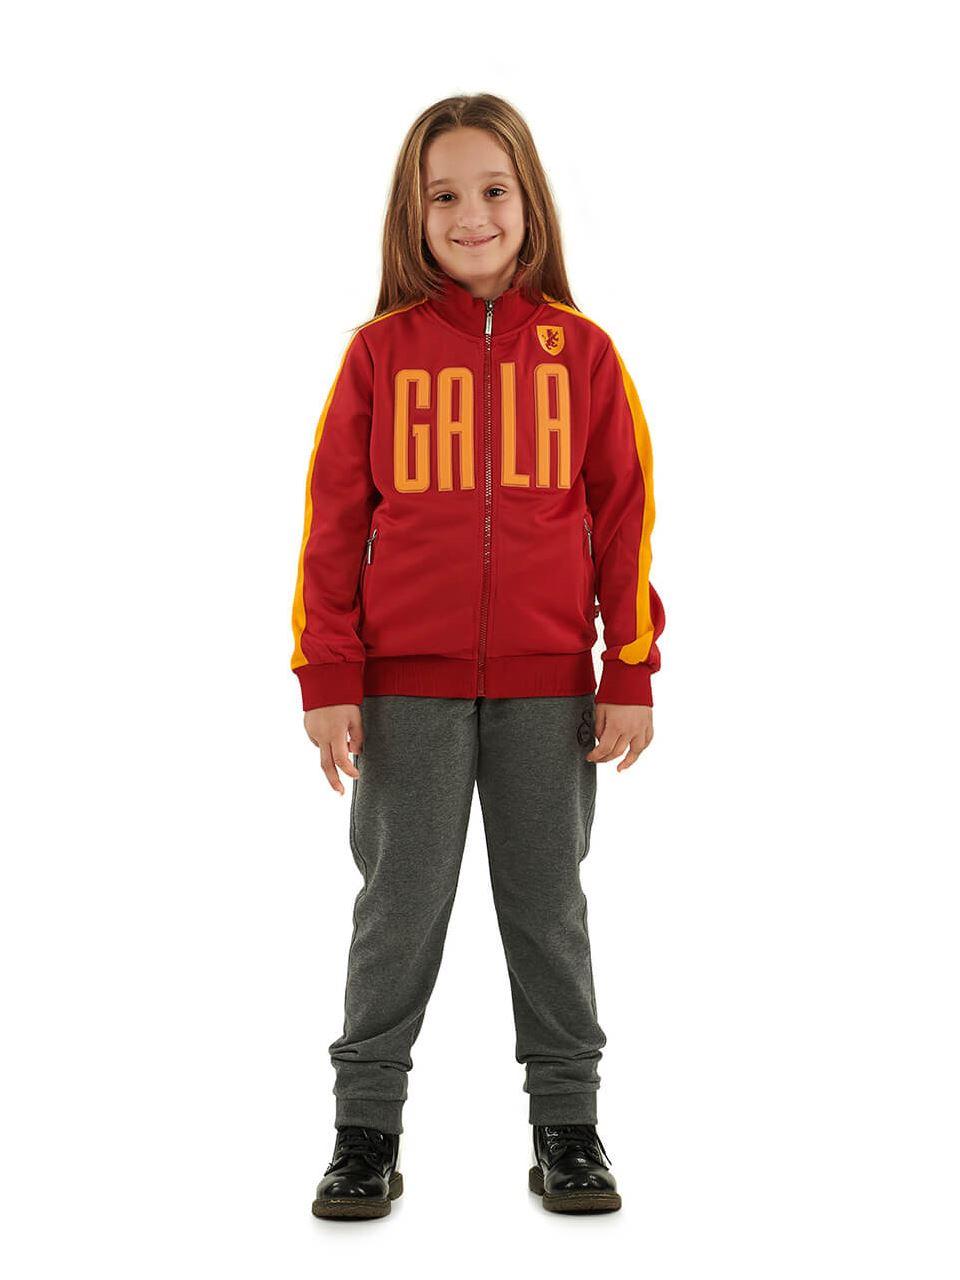 Gala Çocuk Sweatshirt C191147